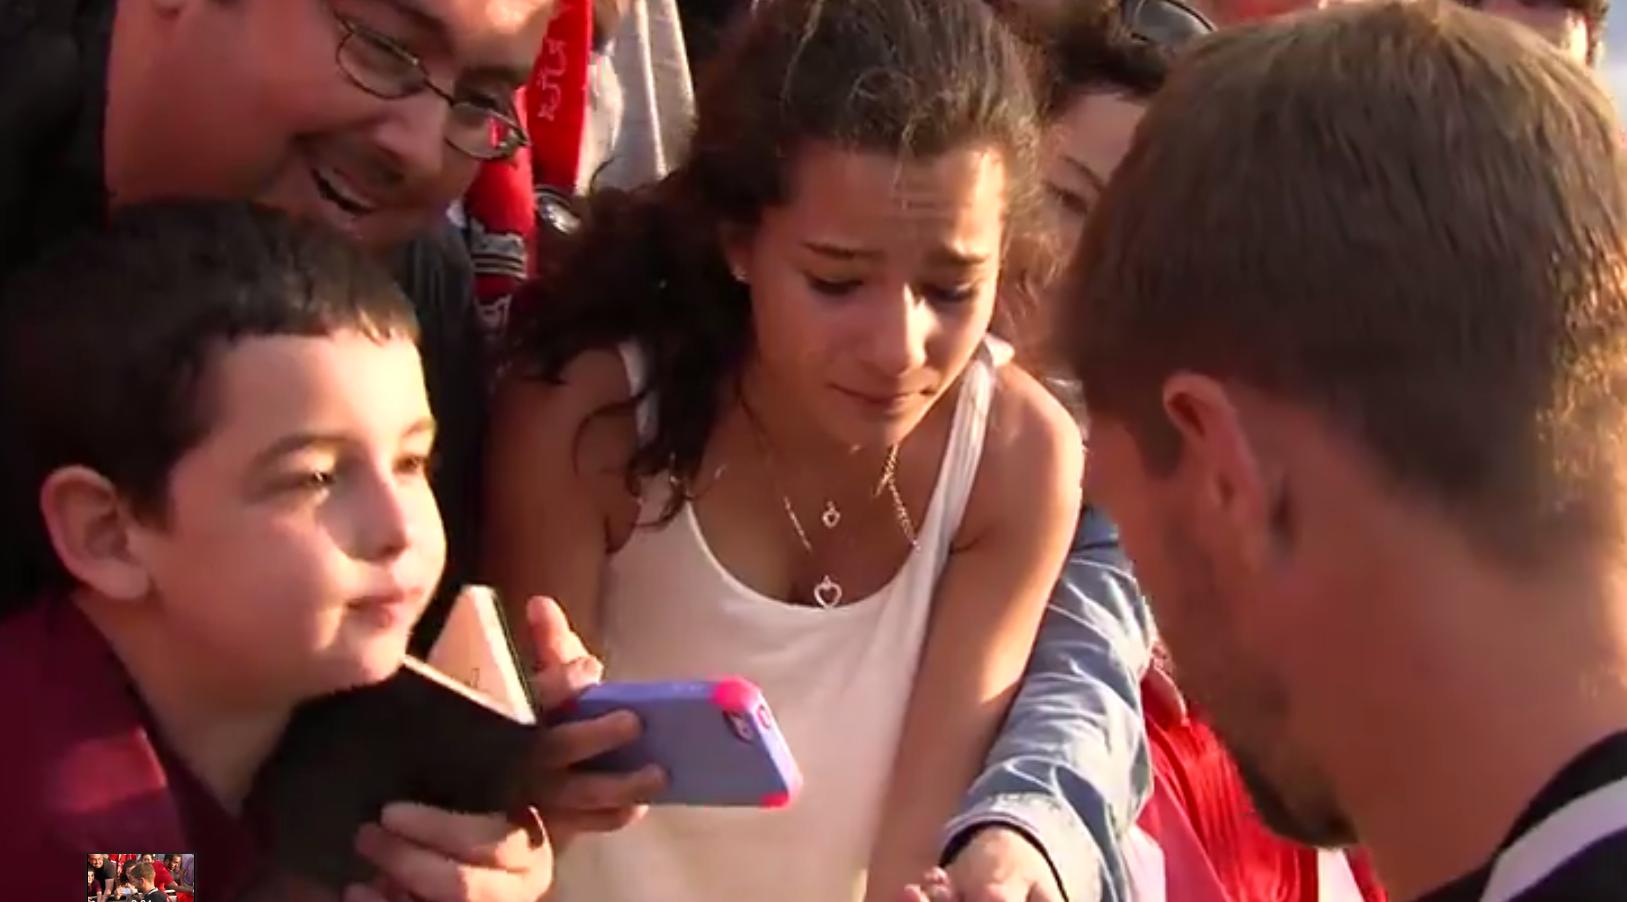 A girl was left starstruck after meeting Liverpool's Steven Gerrard